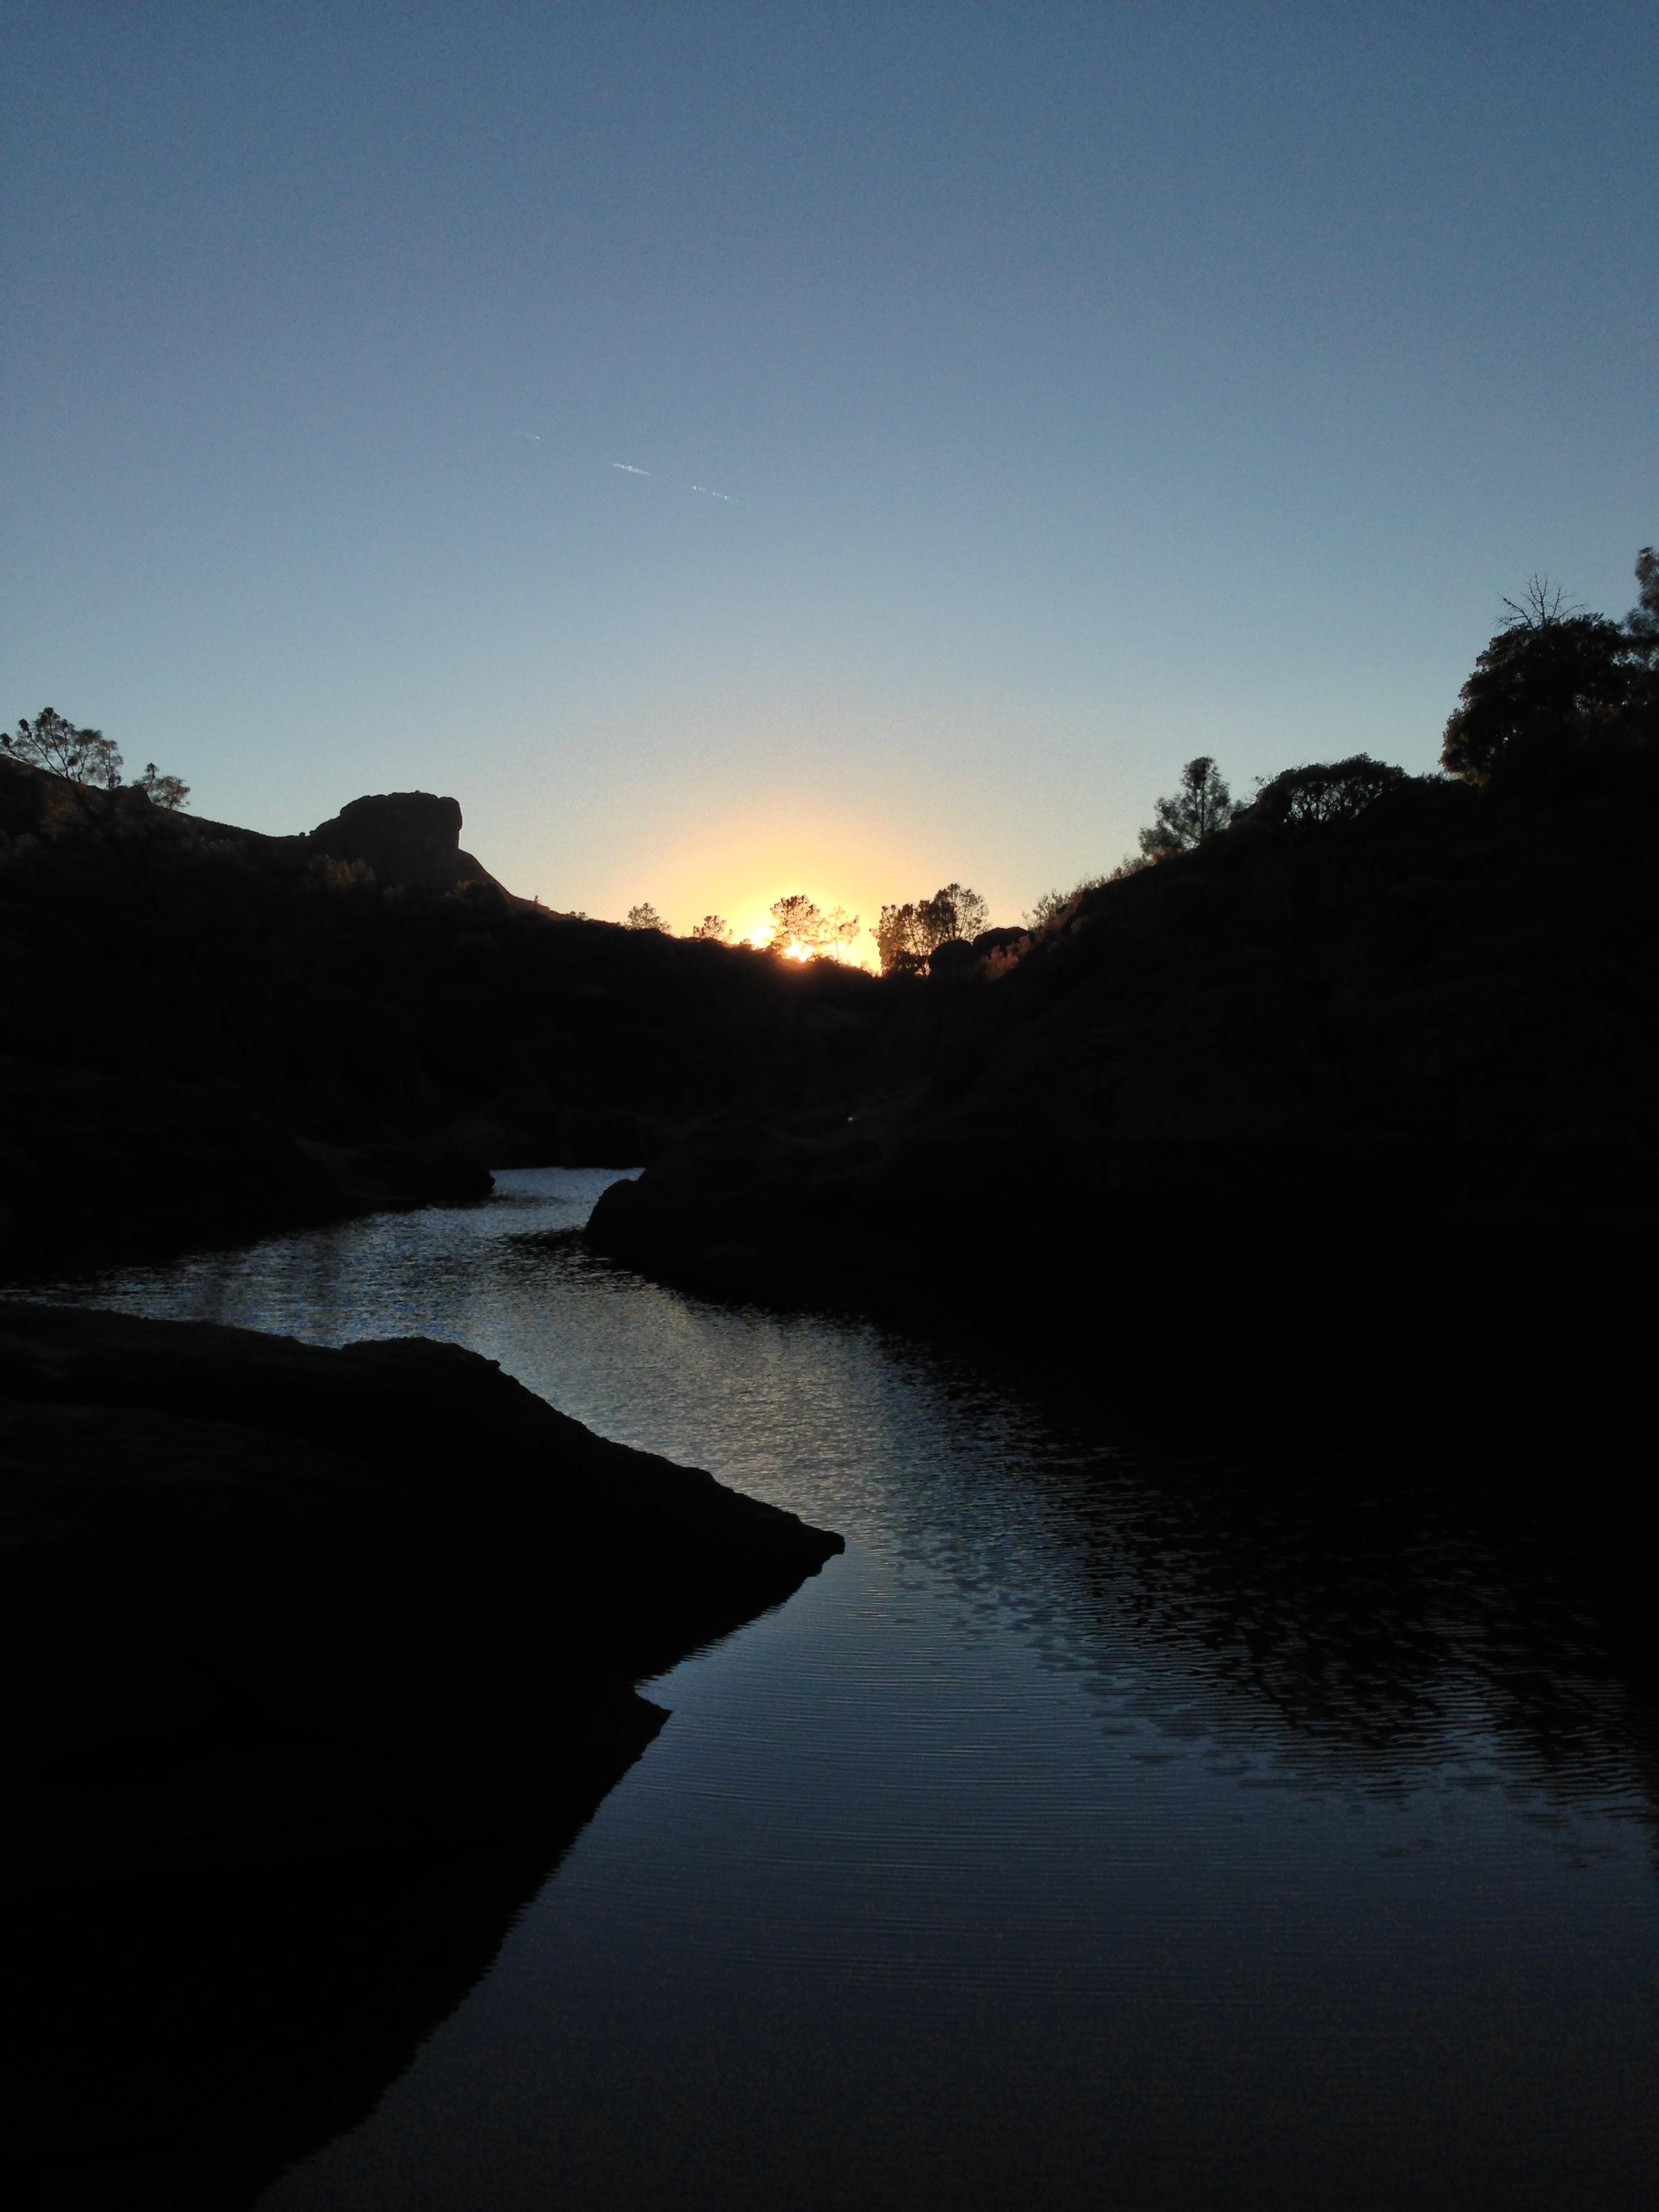 Bear Gulch Reservoir, Sunset